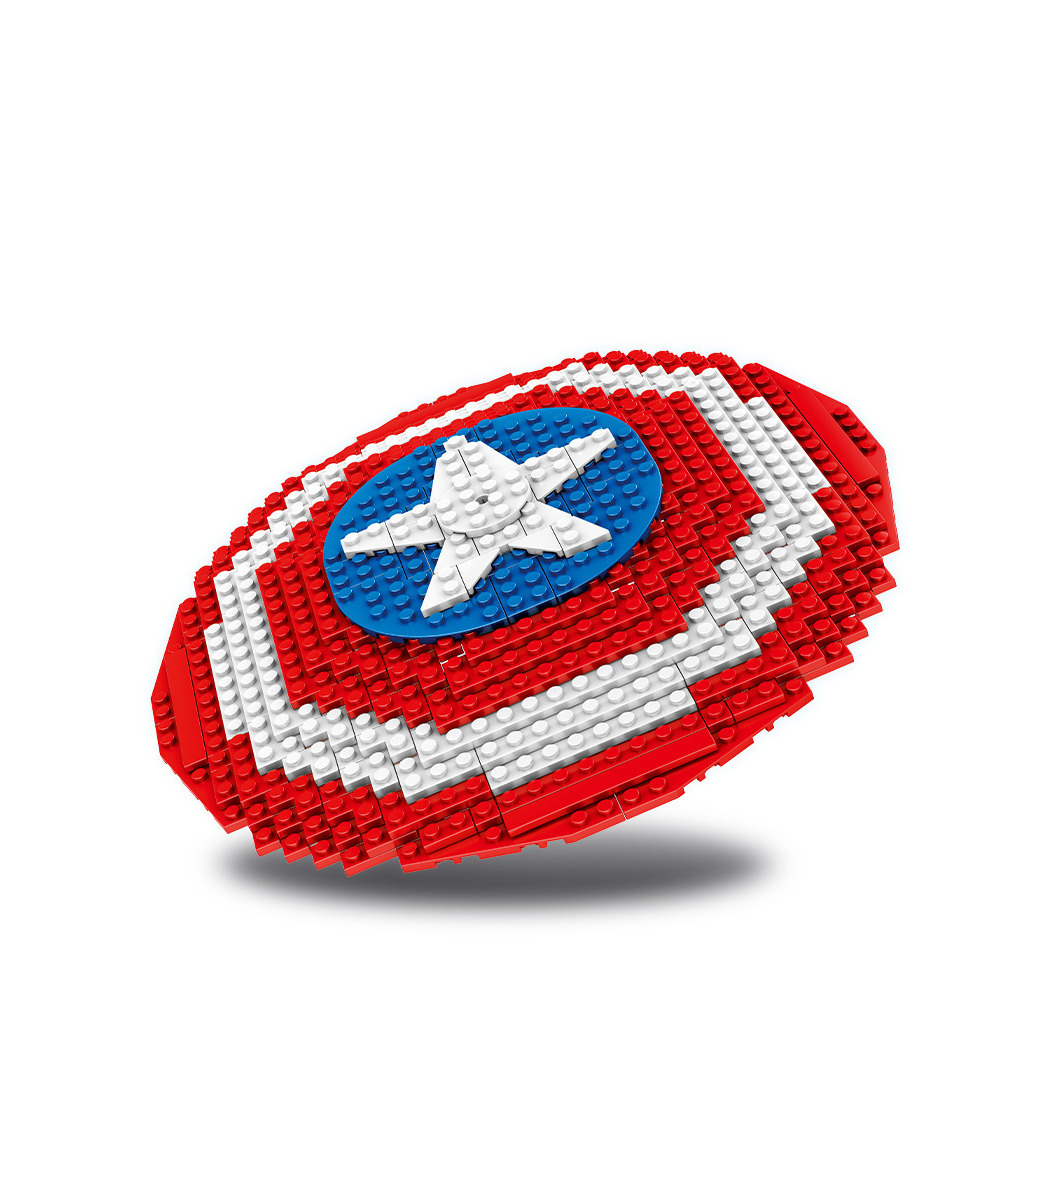 Benutzerdefinierte Captain America Shield Bausteine Spielzeugset ...